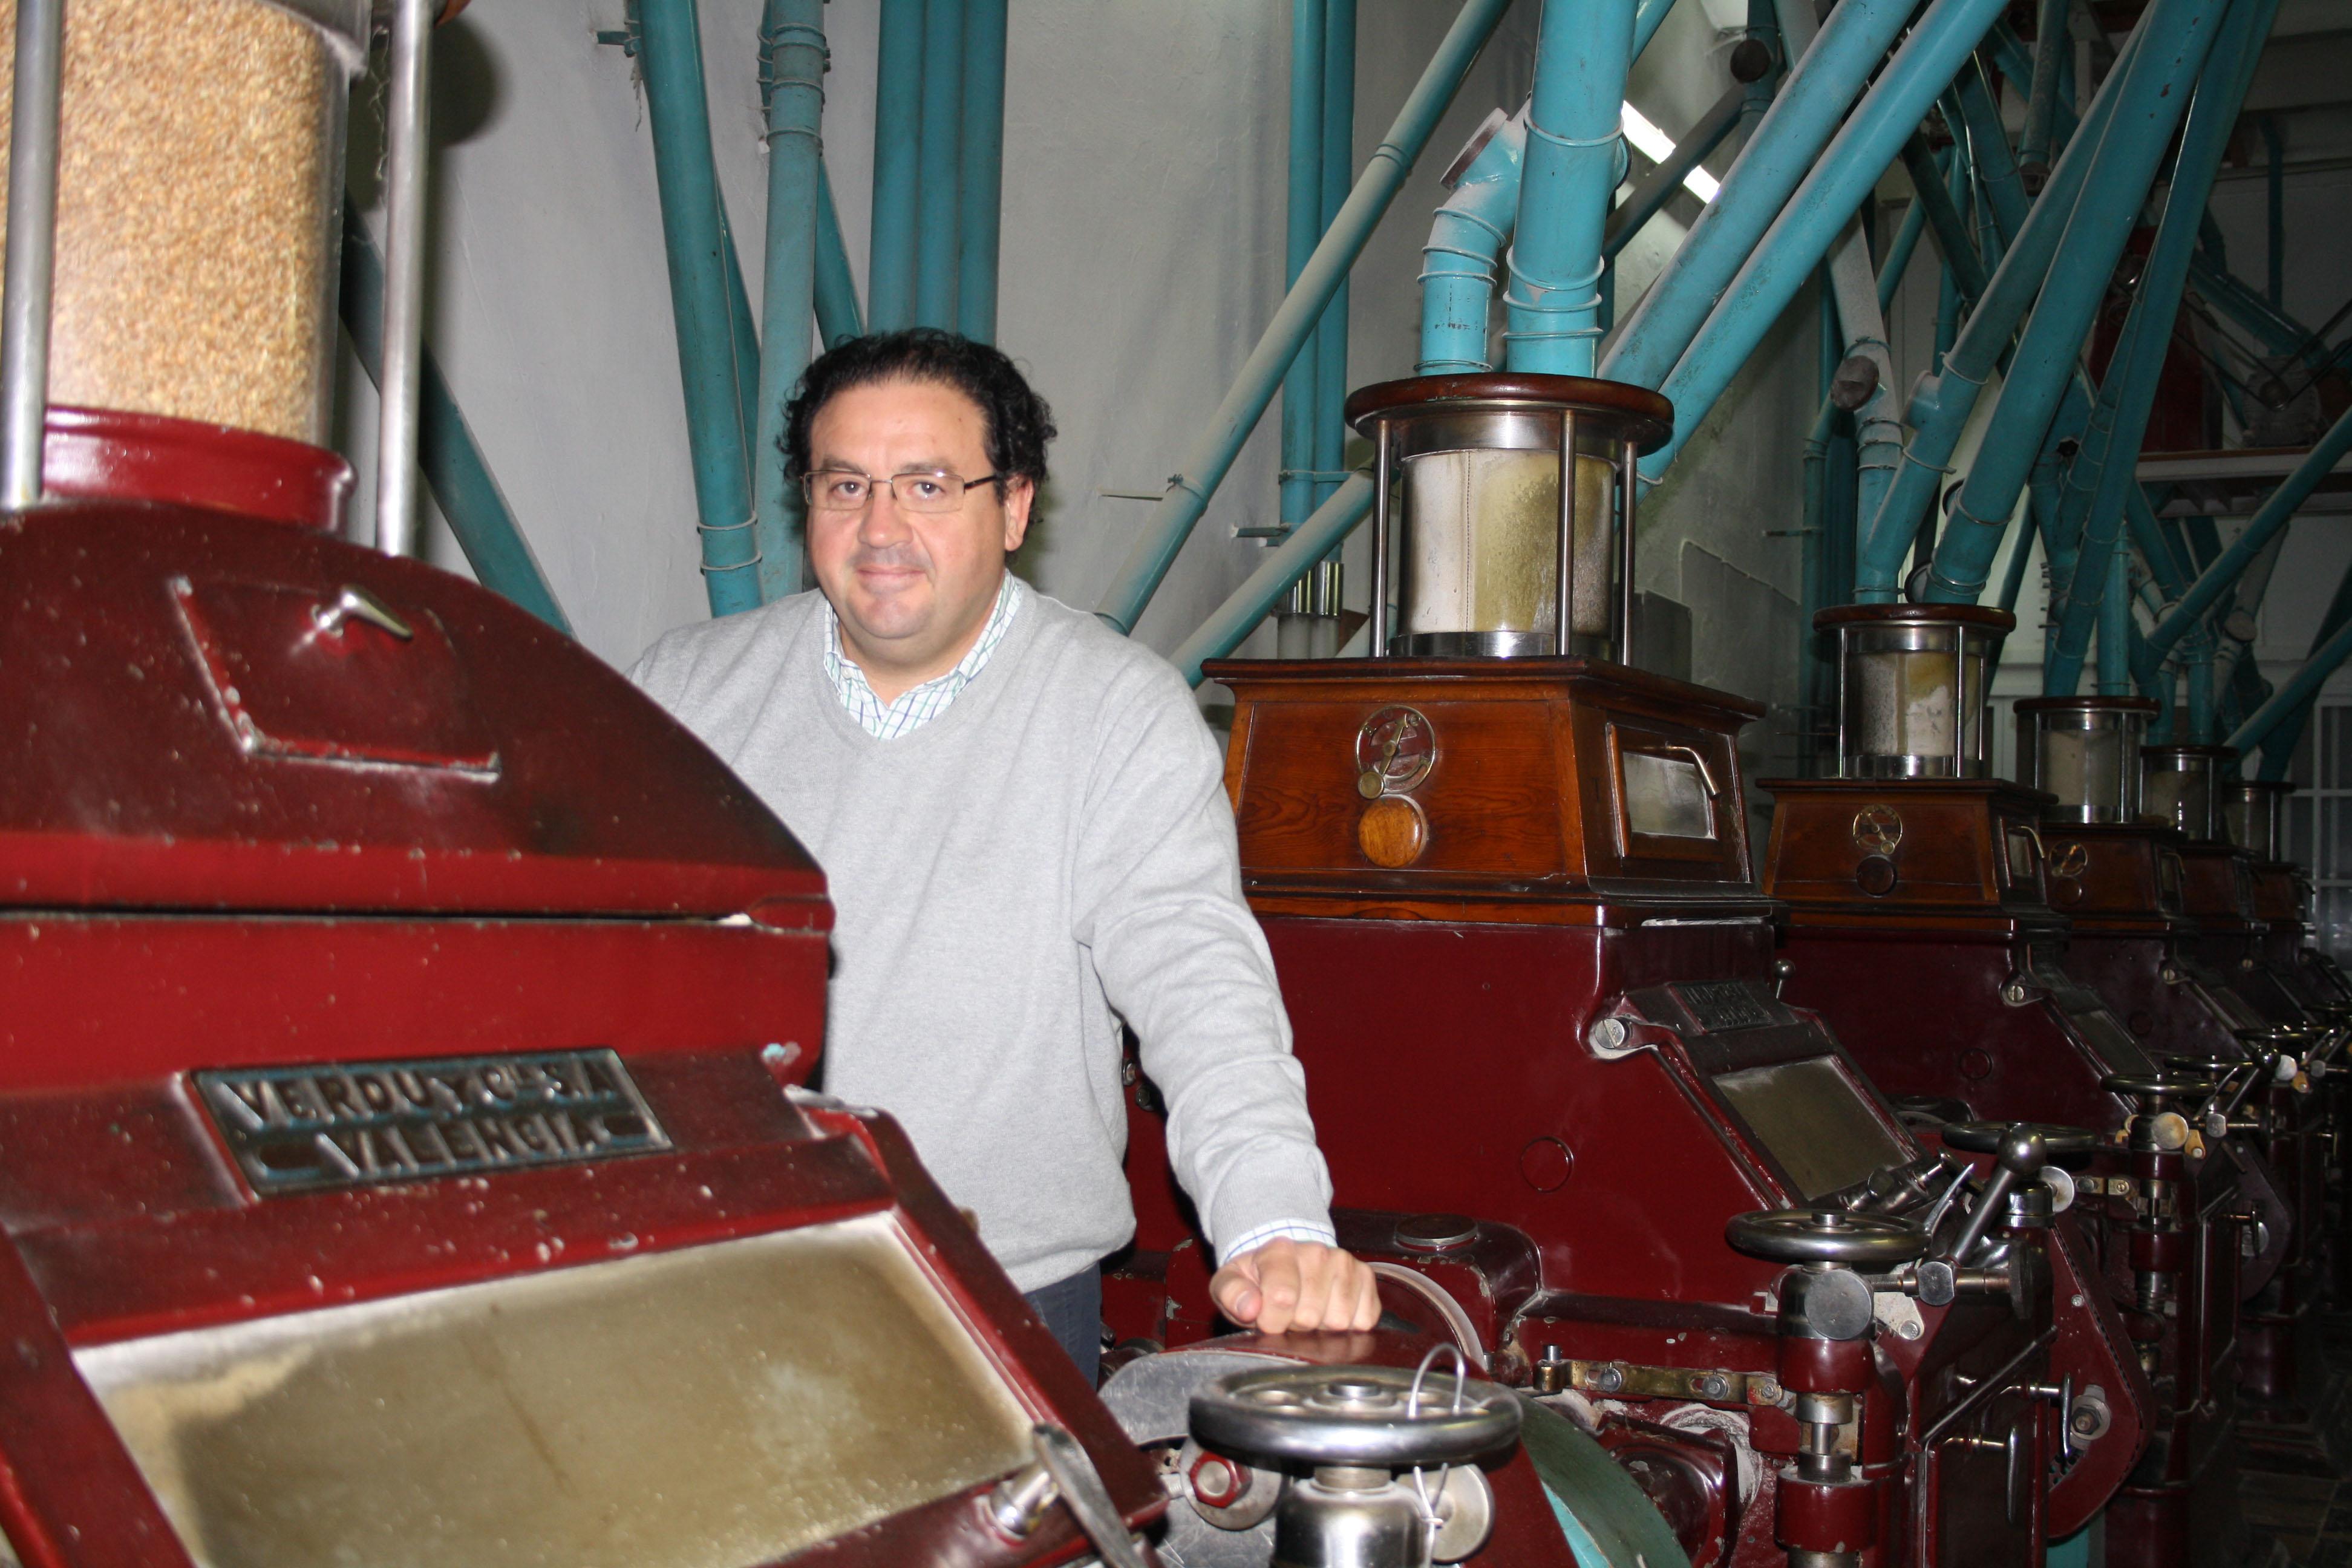 Juan Ortega, nieto del fundador y actual gerente de la empresa, posa junto a la maquinaria con la que se inició . / Foto: E. G.